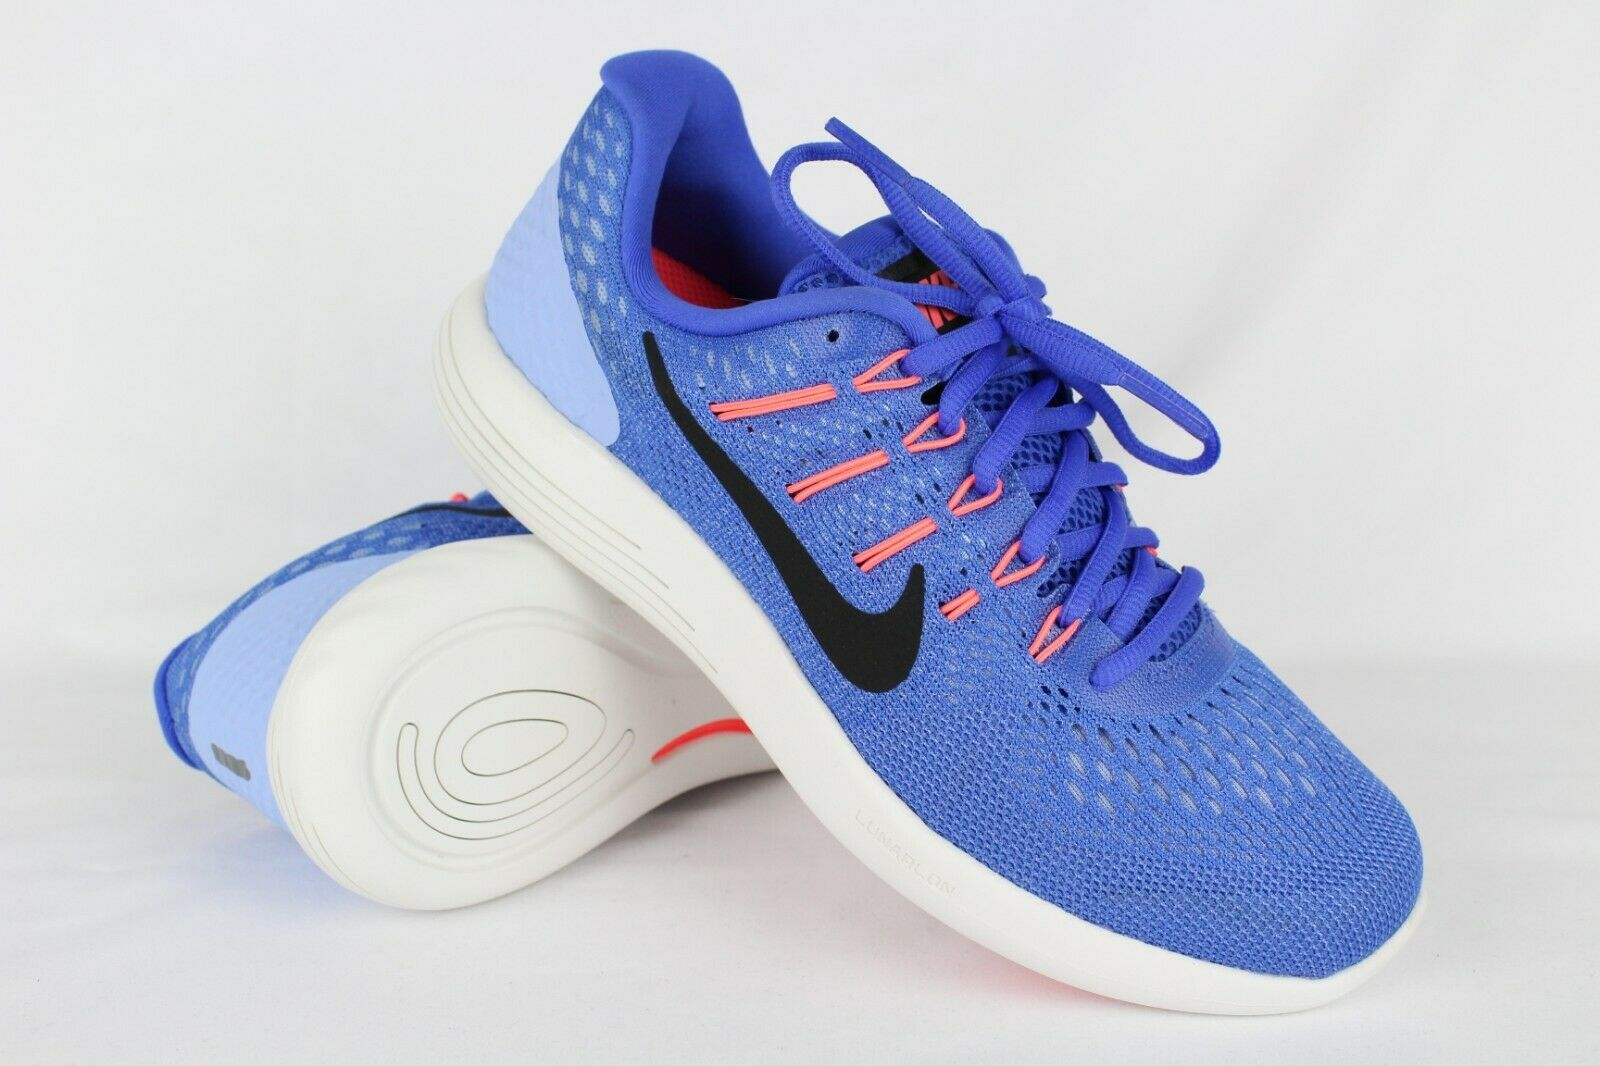 New Nike Women's Lunarglide Lunarglide Lunarglide 8 Running 10 10.5 11.5 or 12 bluee Black Aluminum d36e30